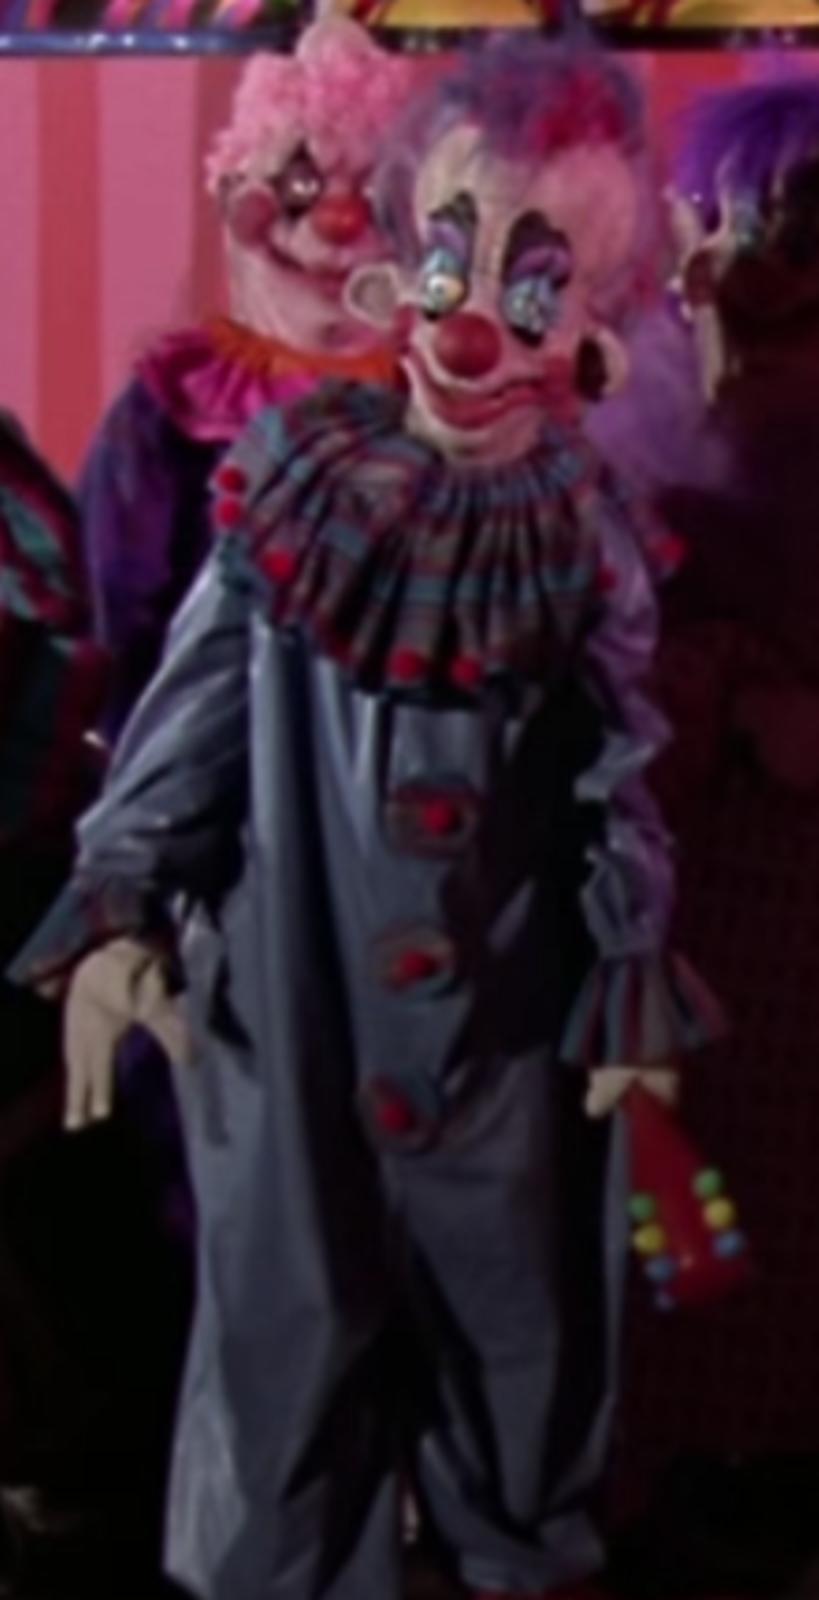 Danny the Clown